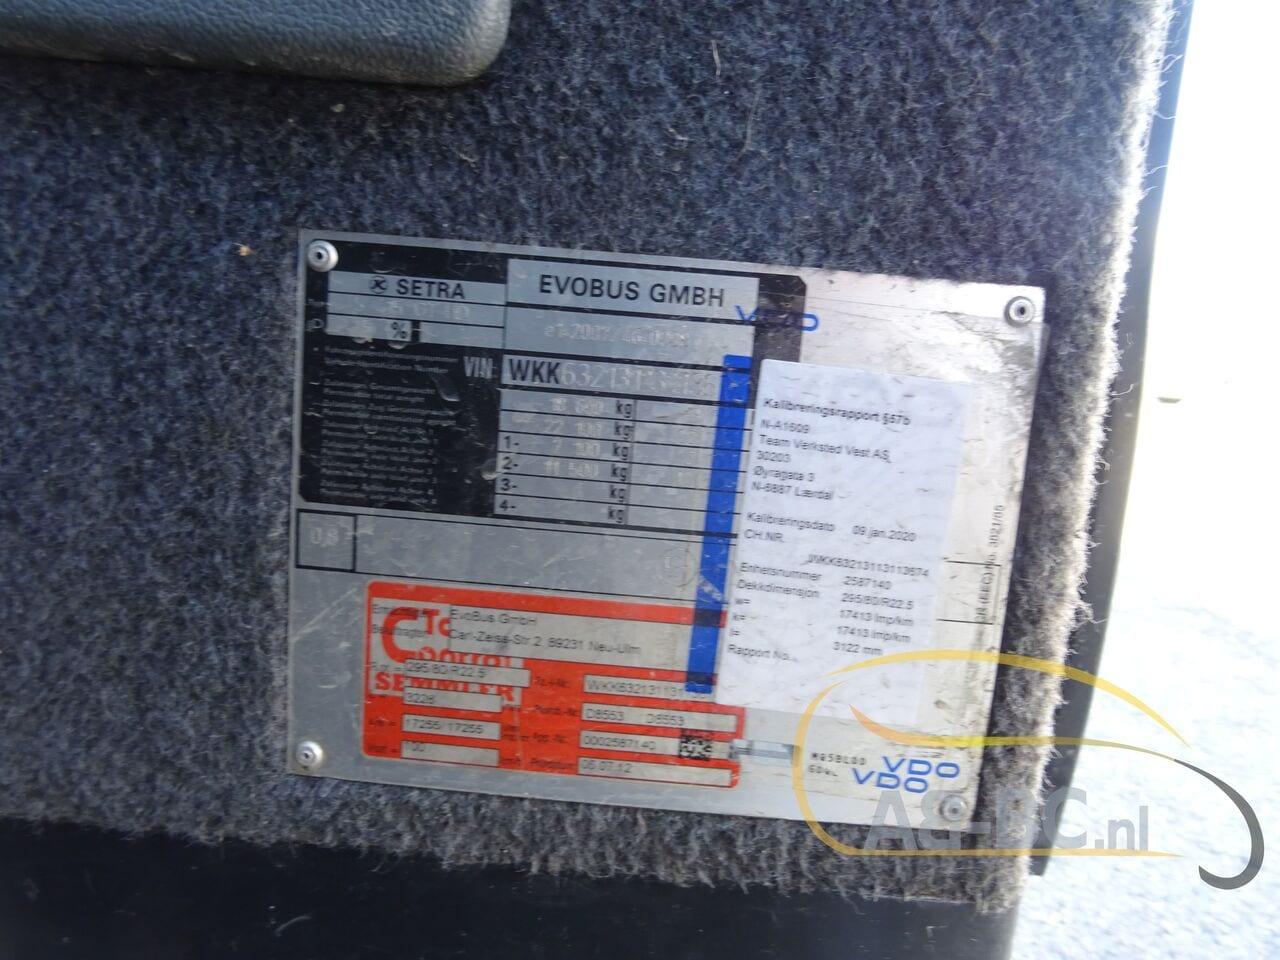 coach-busSETRA-S415-GT-HD-FINAL-EDITION-51-SEATS-LIFTBUS---1620381911909593888_big_a2501f0d1b4d6541a3ba0c0151e03a1d--21050713010665719300